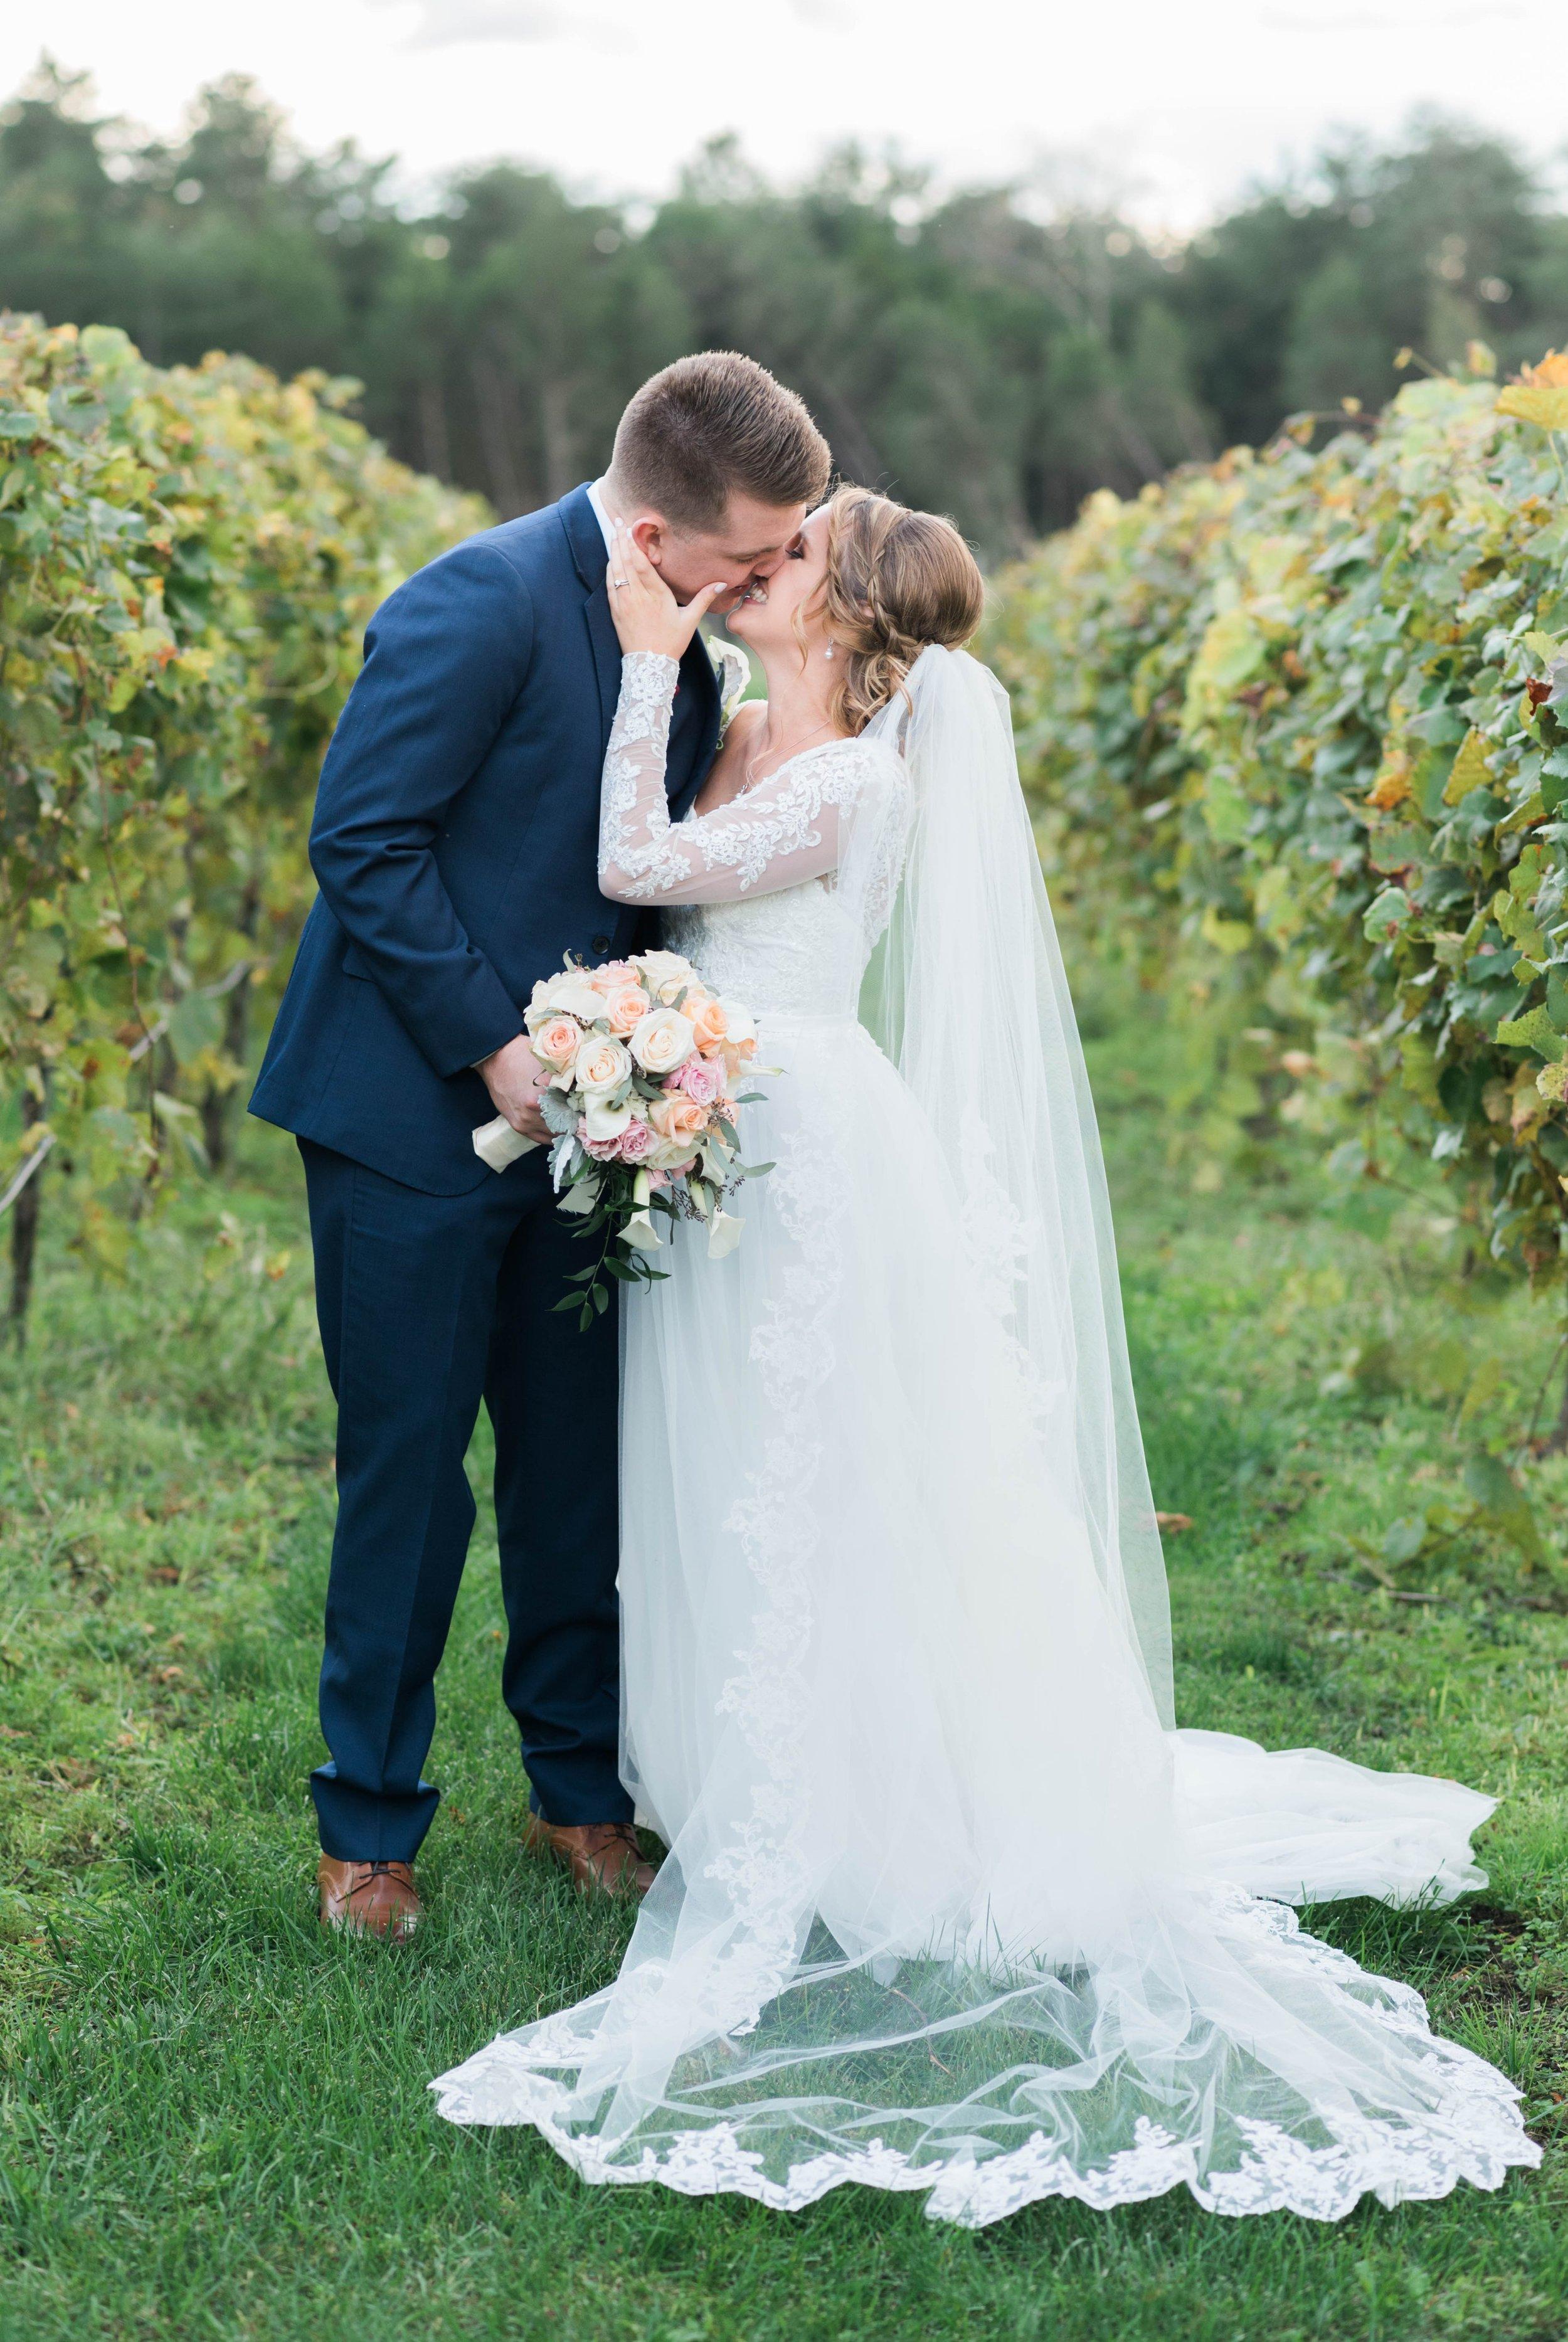 GrantElizabeth_wineryatbullrun_DCwedding_Virginiaweddingphotographer 19.jpg